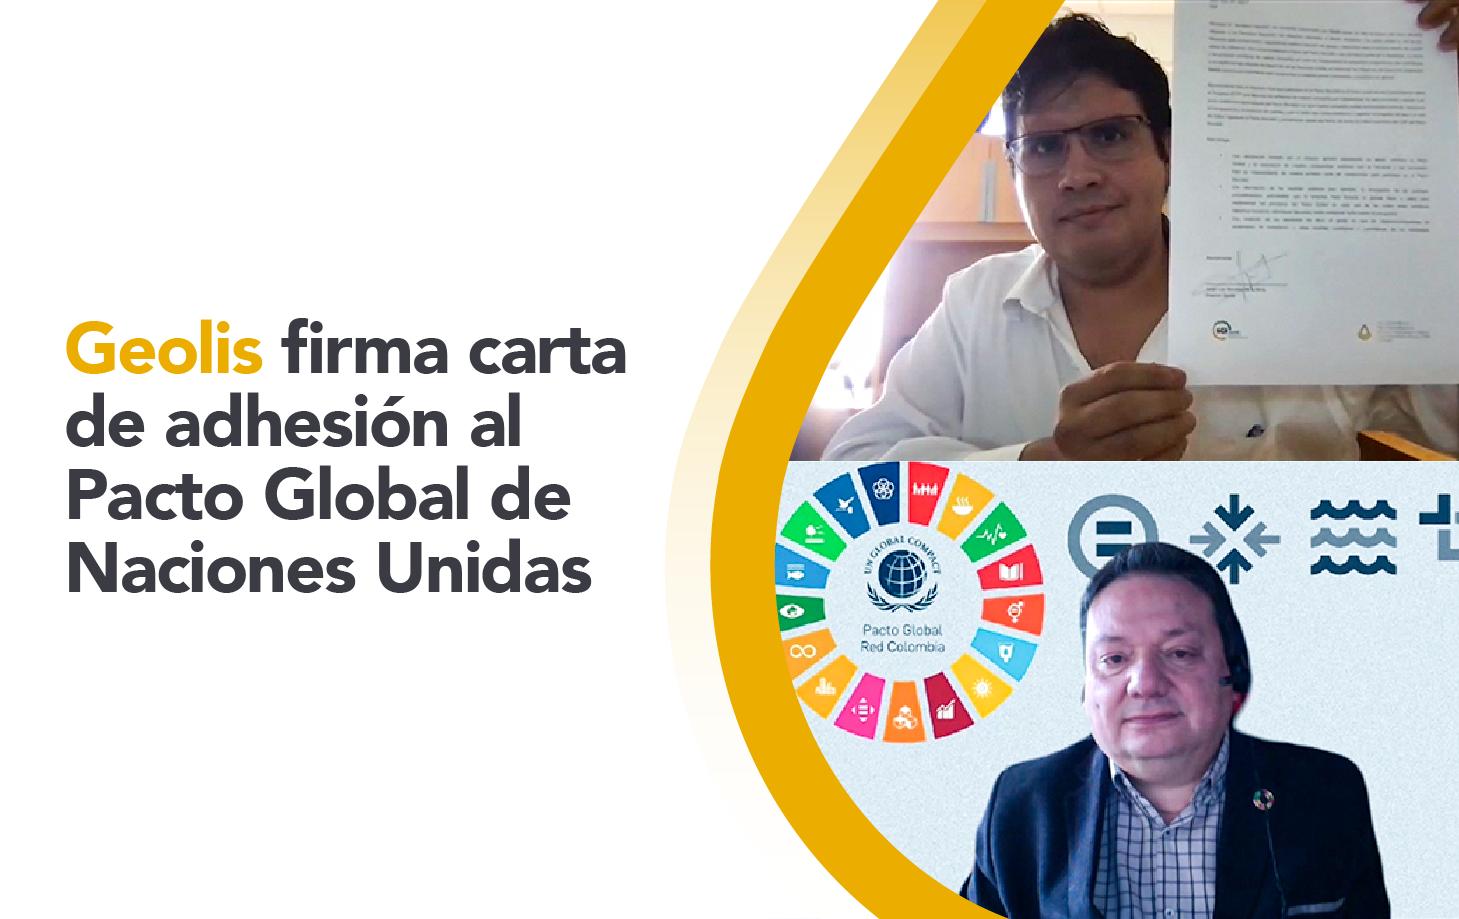 Director de Geolis firma carta de adhesión al Pacto Global de Naciones Unidas